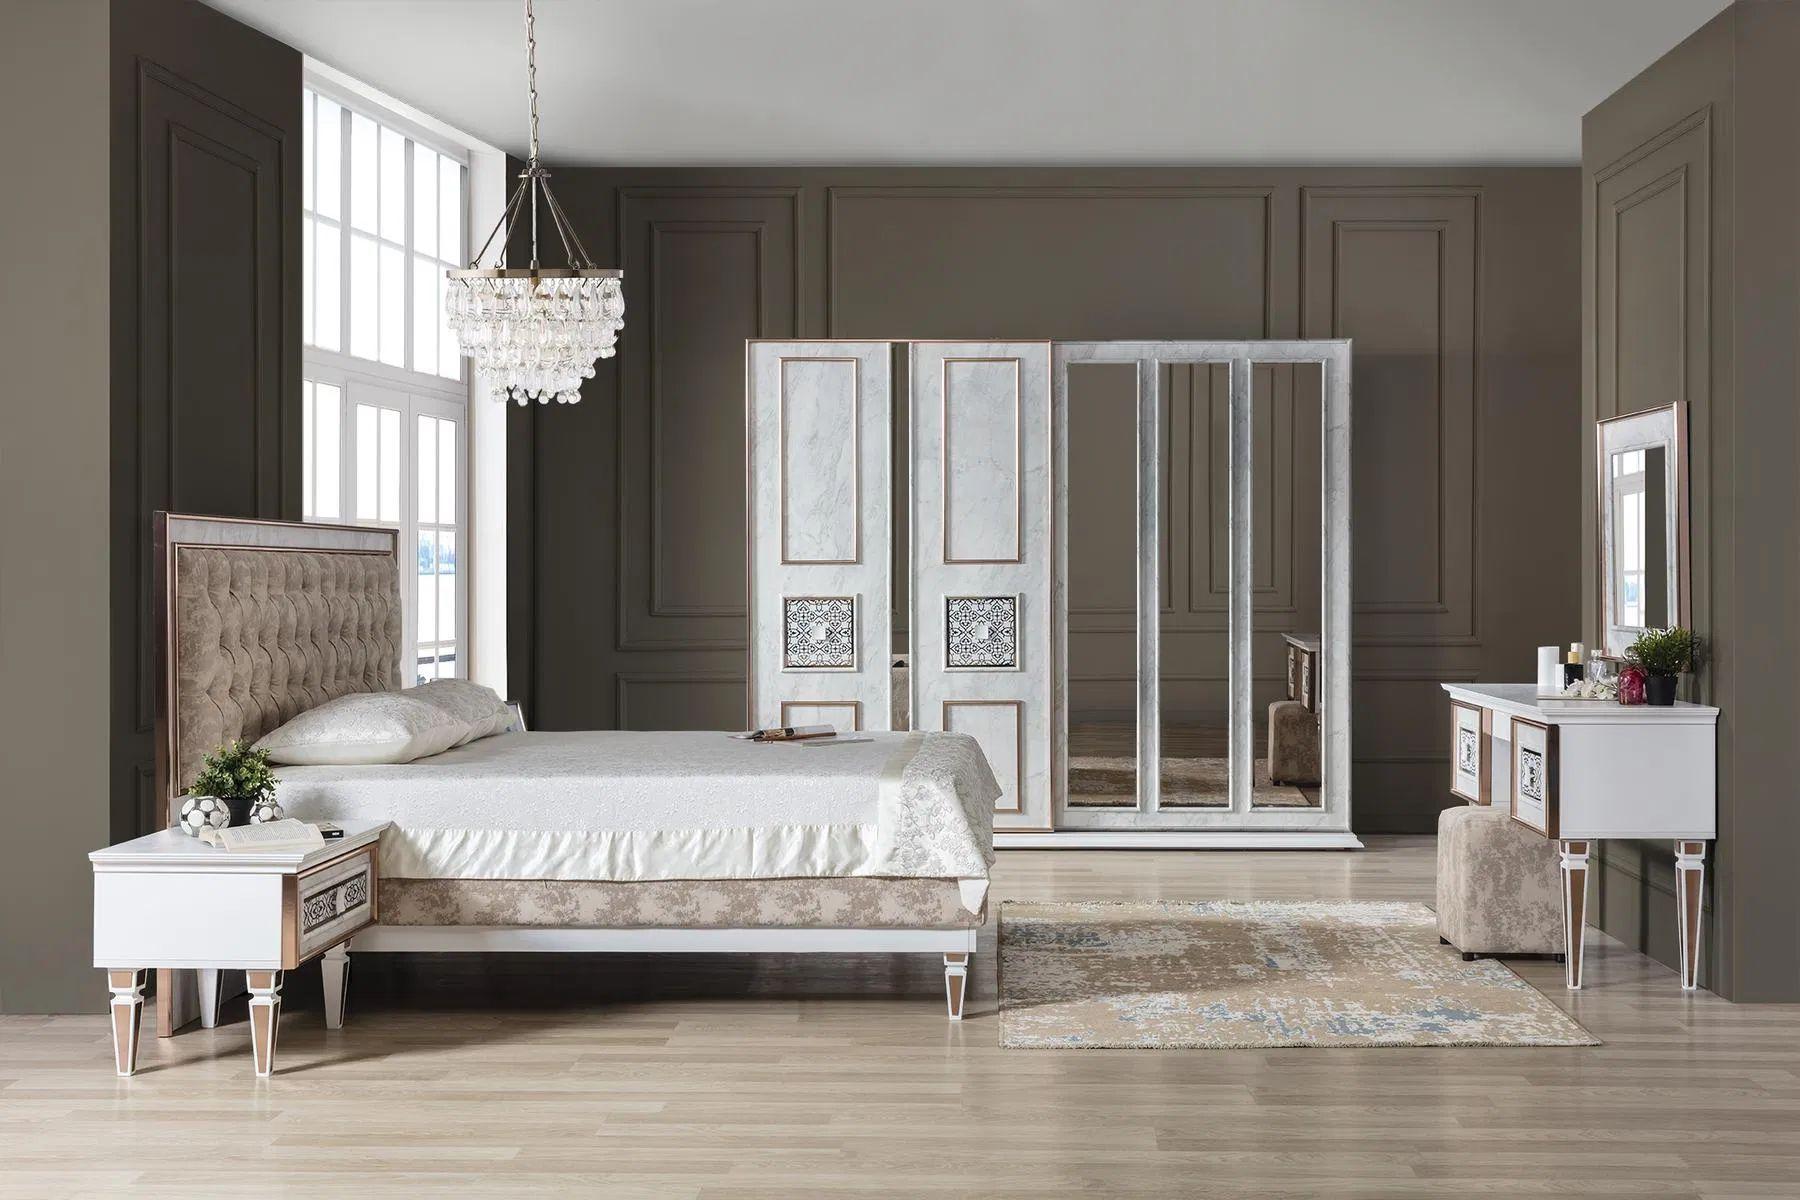 Marble غرفة نوم مودرن 2020 Luxurious Bedrooms Modern Bedroom Room